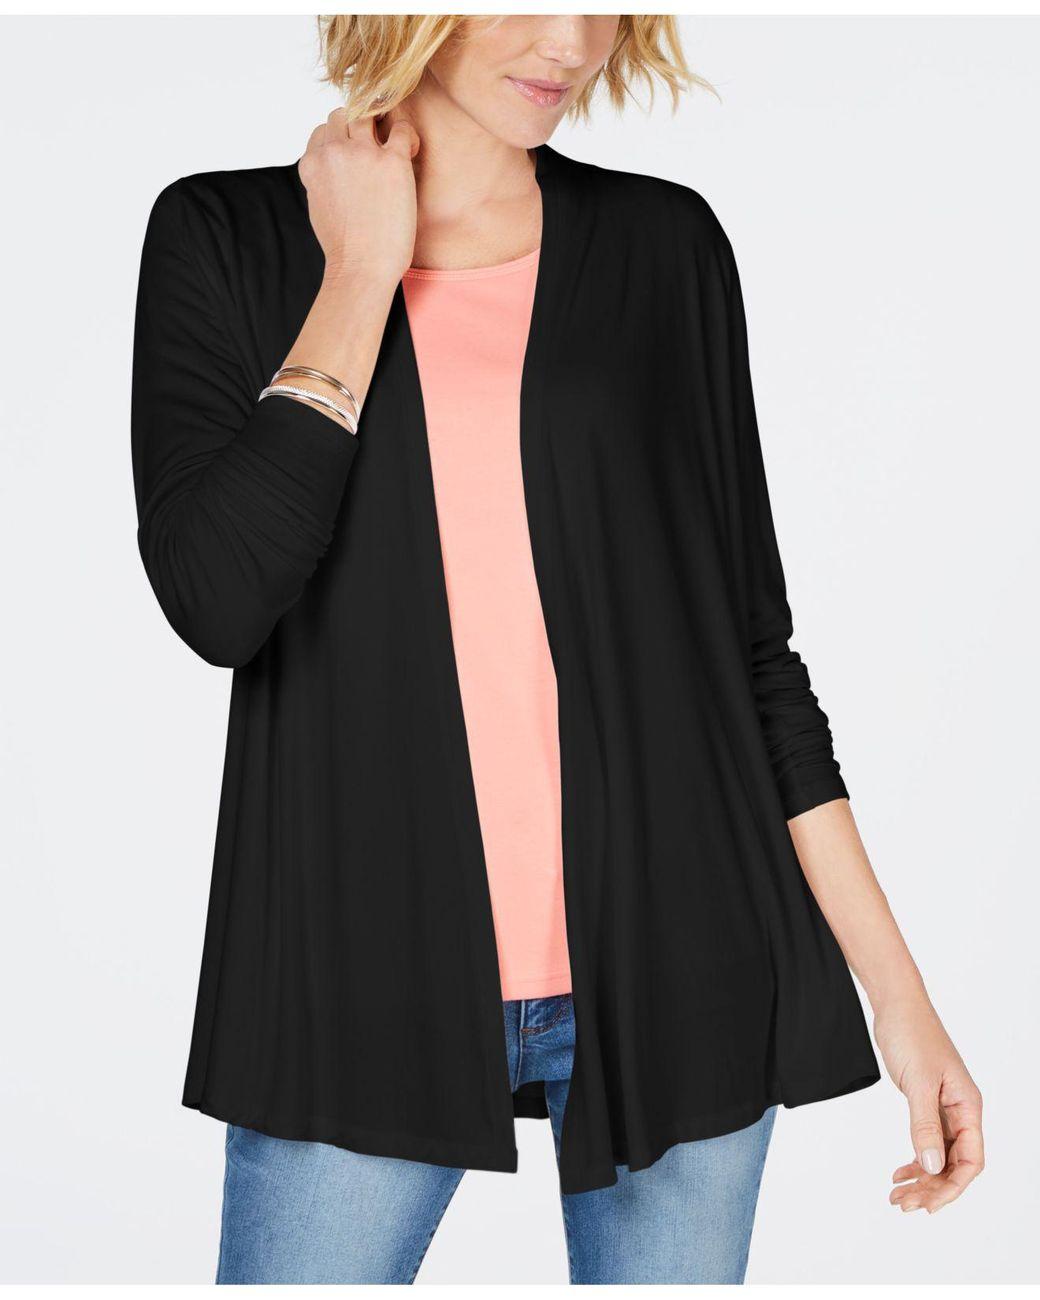 25/% off 1 size $36 MSRP Women/'s STYLE /& Co by MACYS Black Flannel Gloves